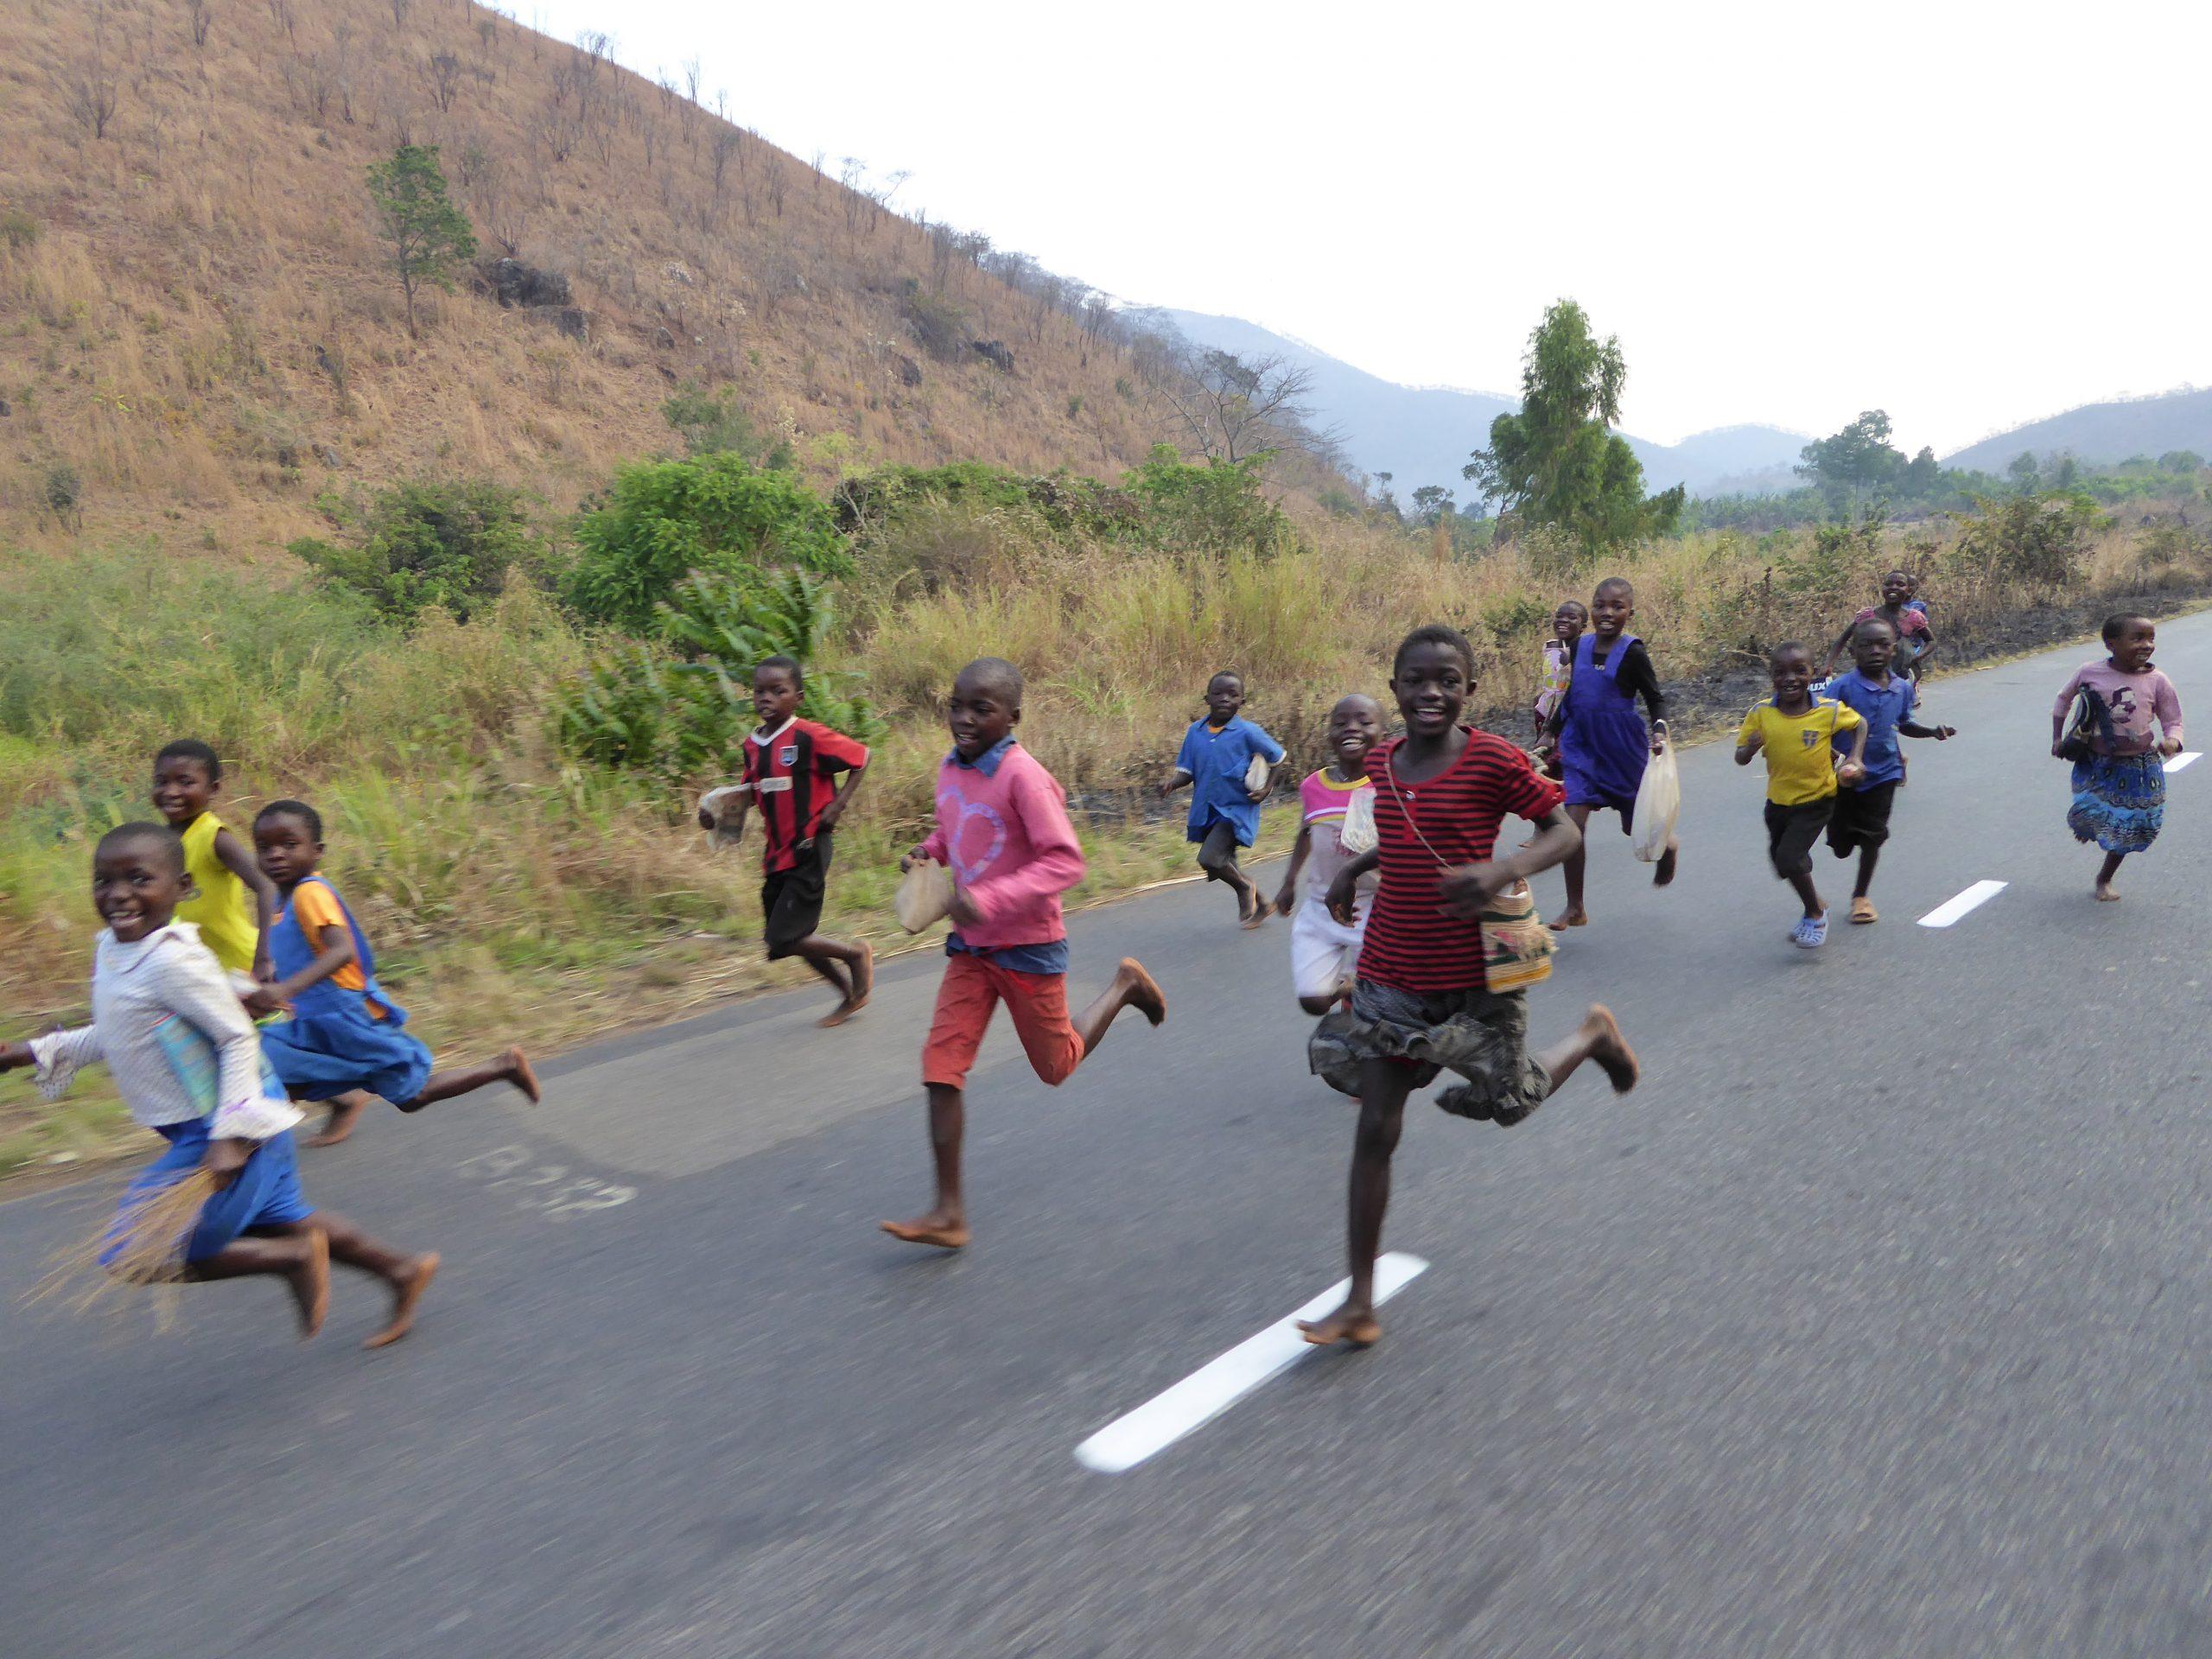 Radreise Afrika 2014 - Schulkinder